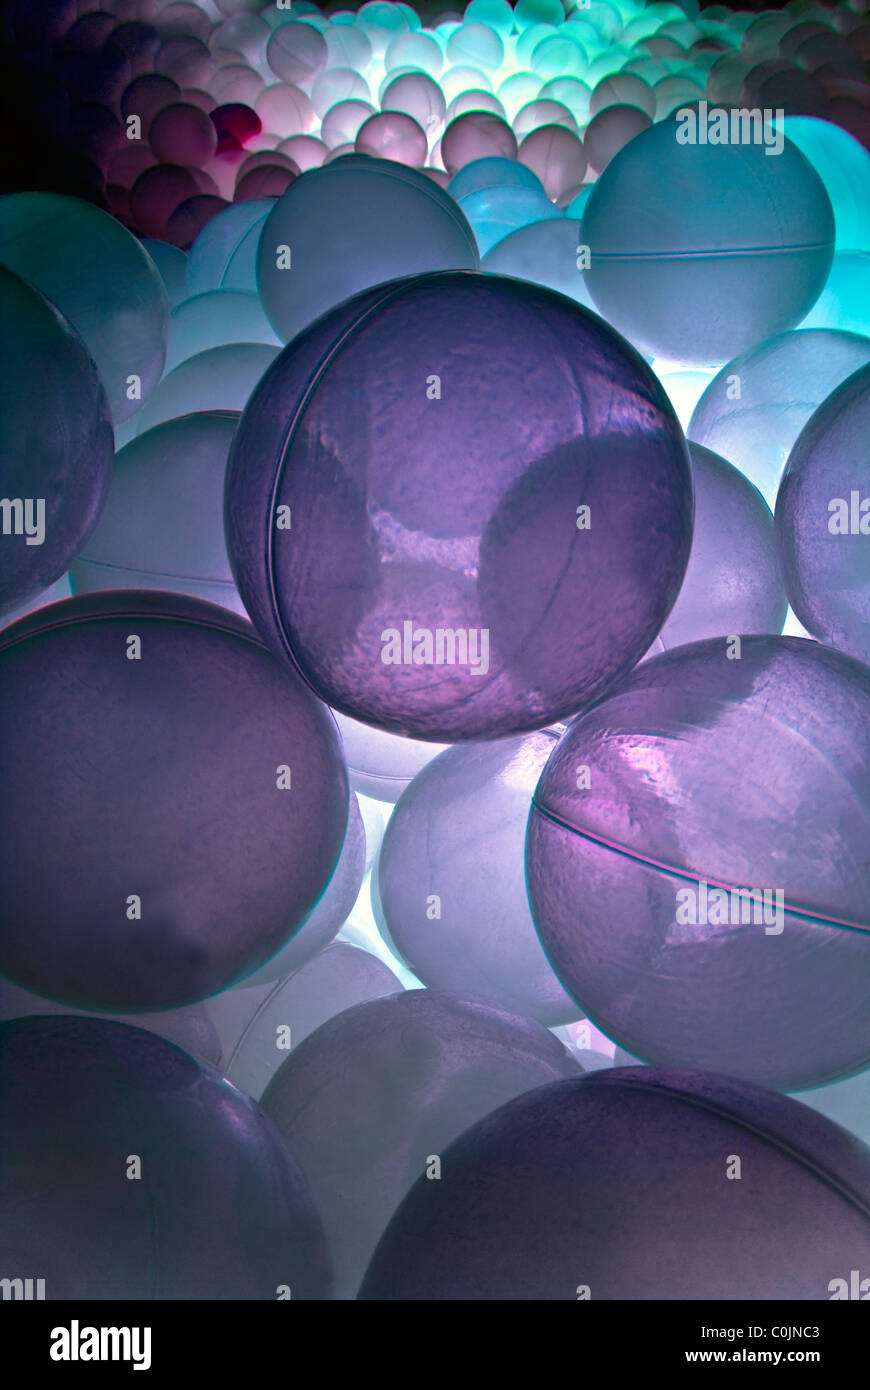 Piscine à balles avec lumière pourpre à la lumière salle sensorielle. Photo Stock